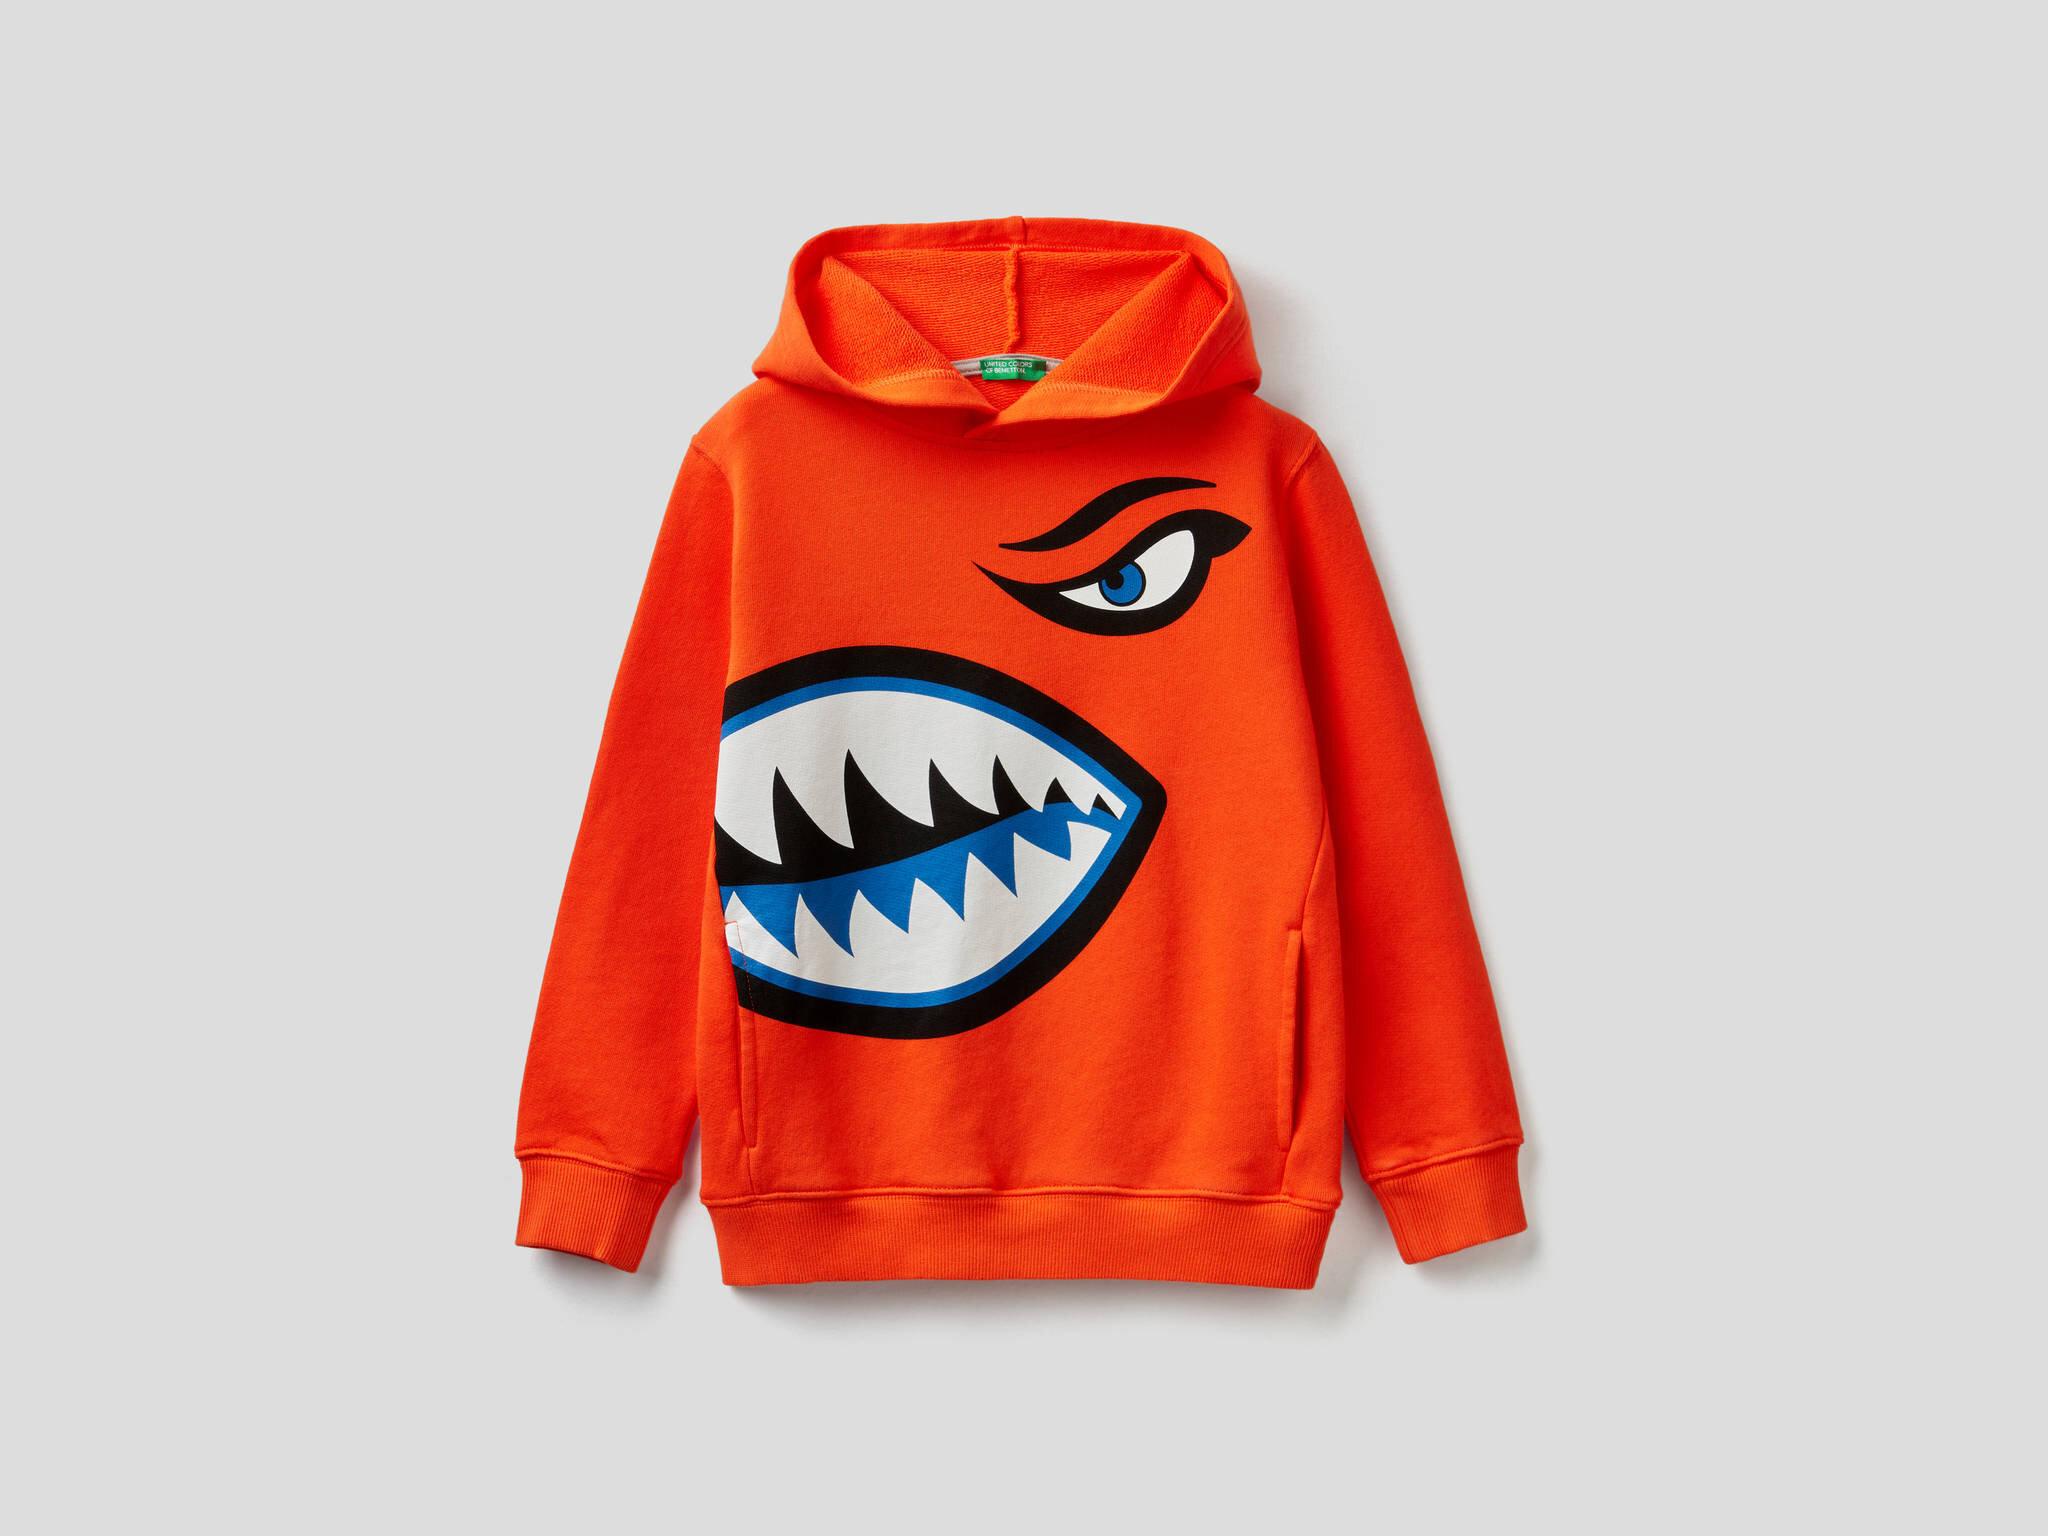 Kaplan Köpekbalığı Sweatshirt